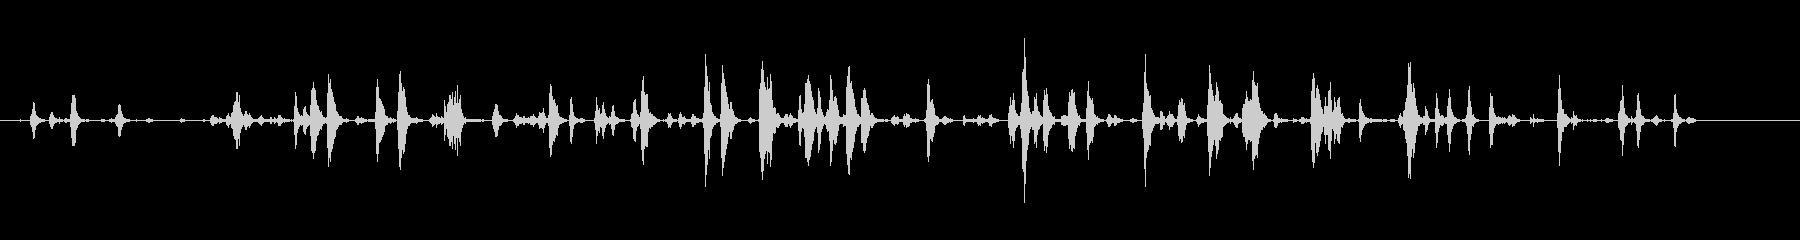 動物園-内部-ロロス2の未再生の波形